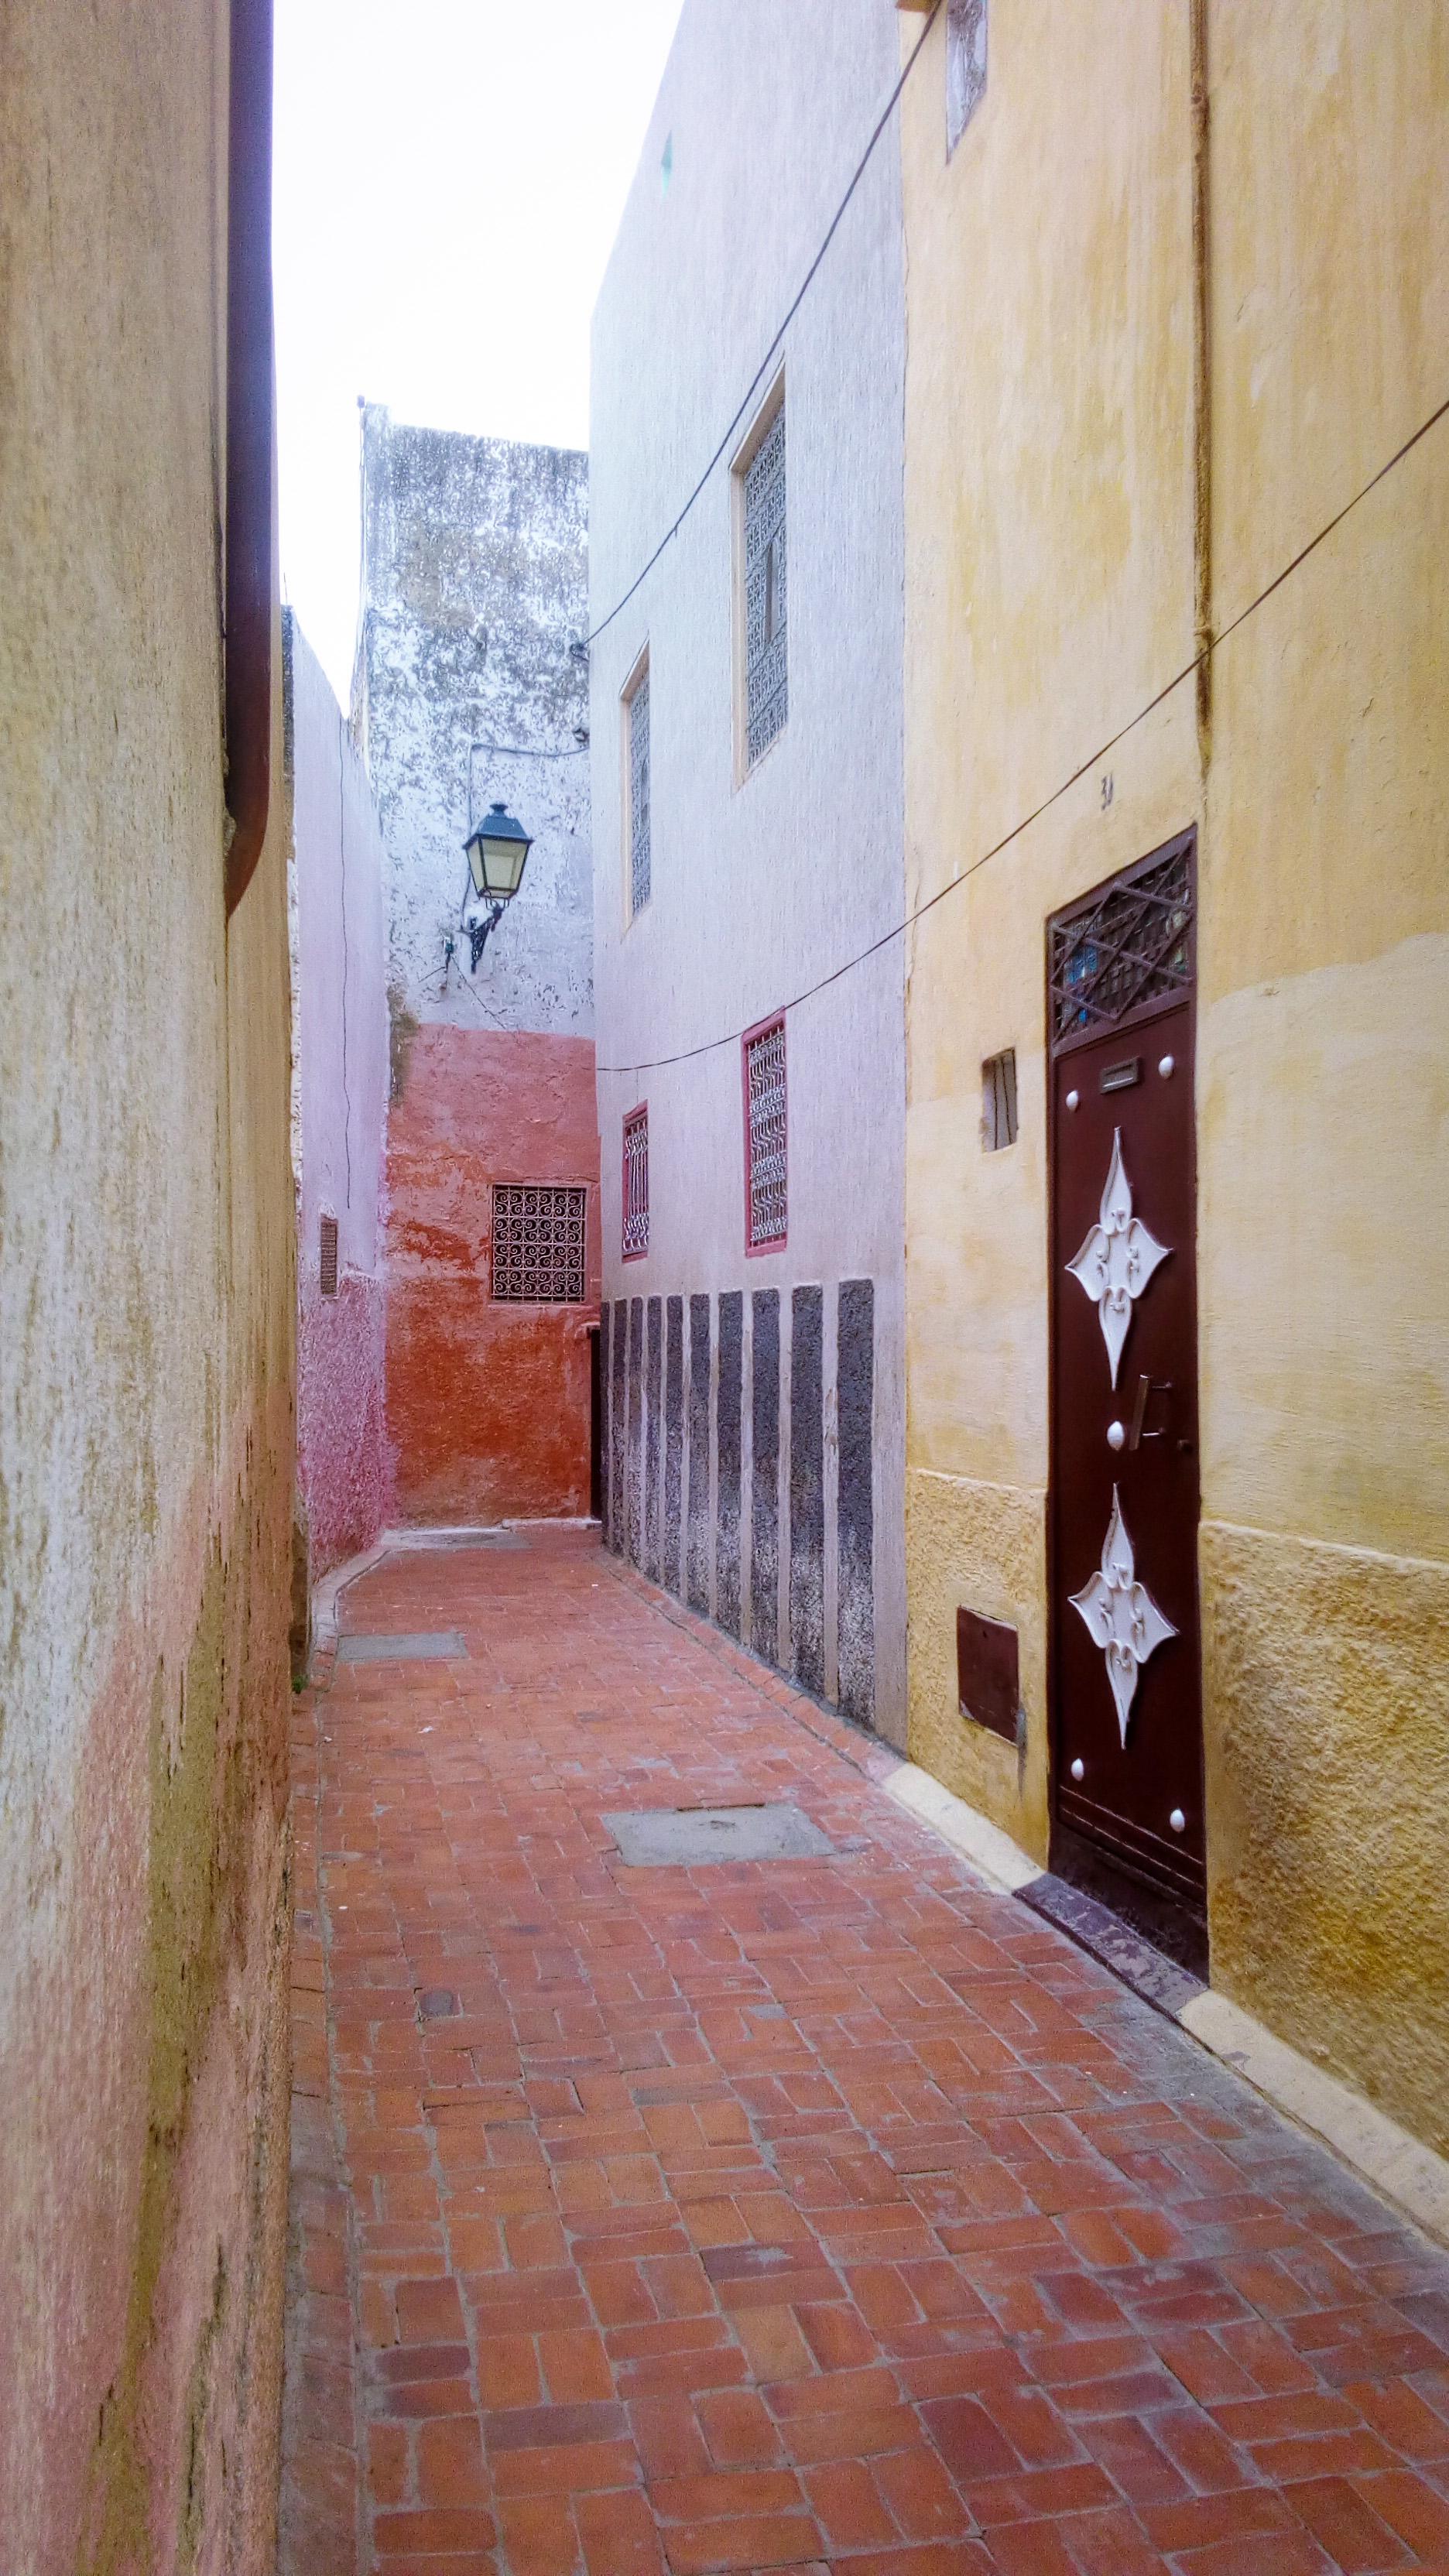 Image d'une ruelle à Meknès au Maroc